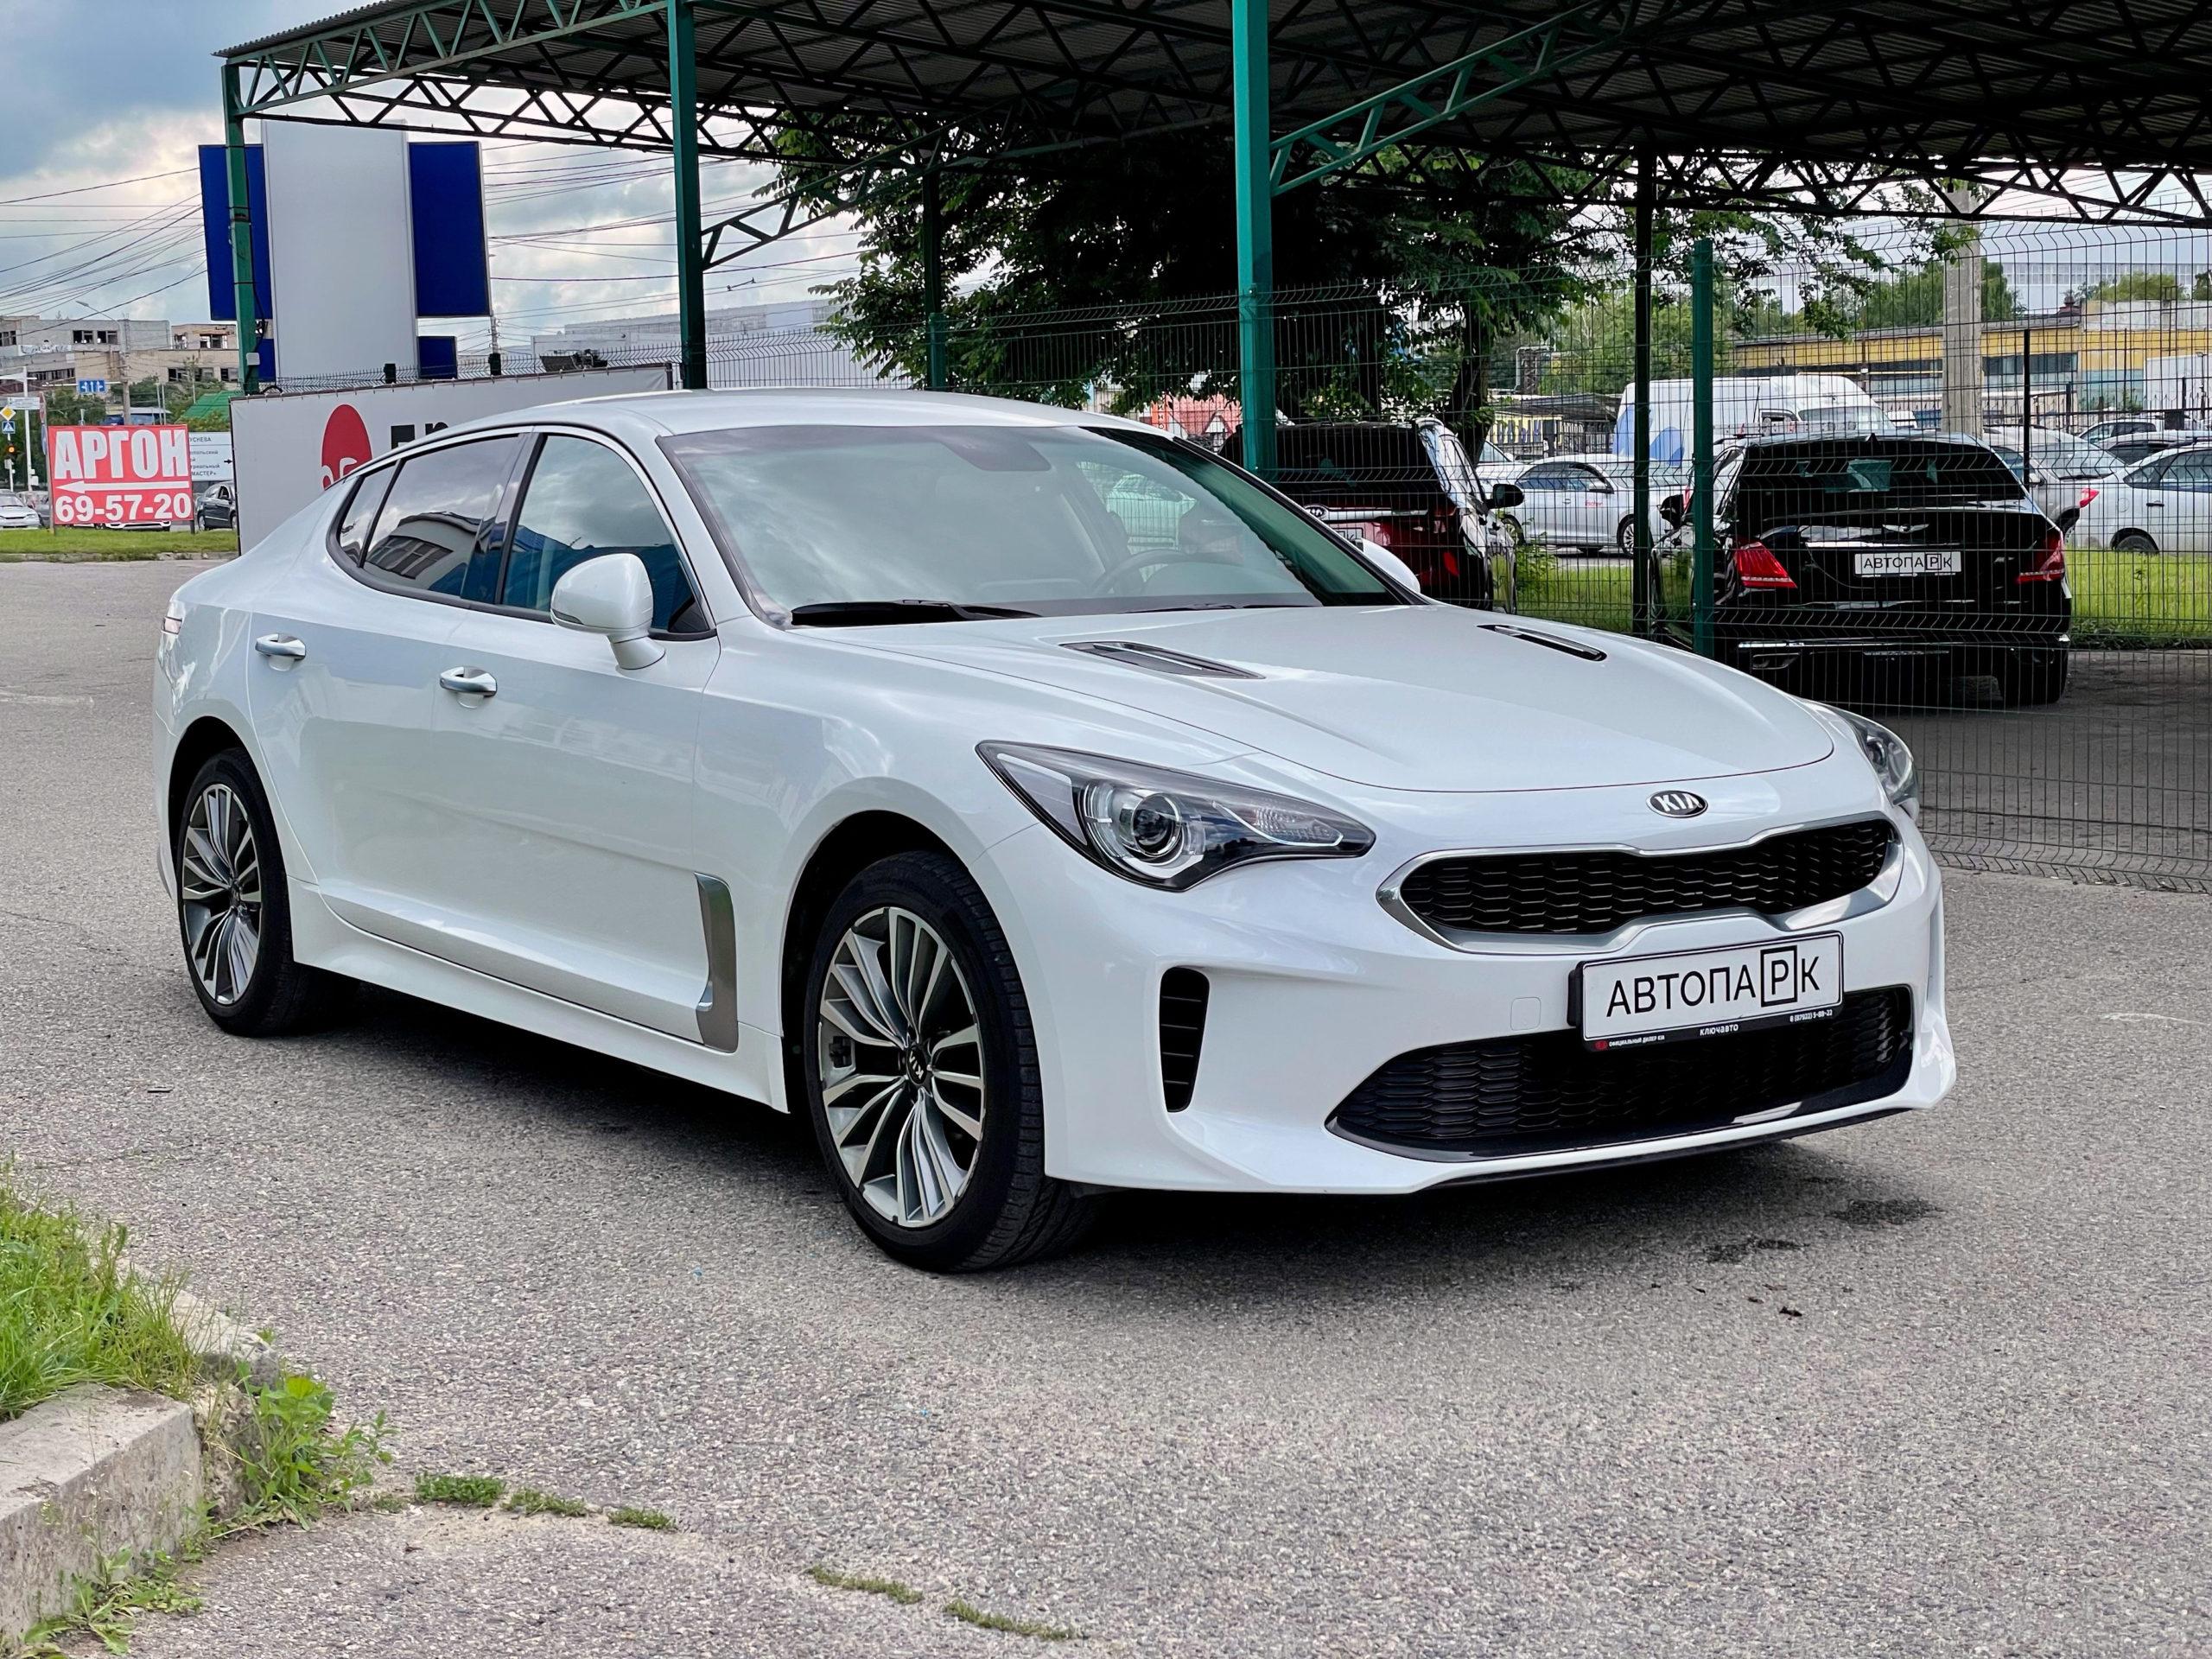 Купить KIA Stinger (Белый) - Автопарк Ставрополь